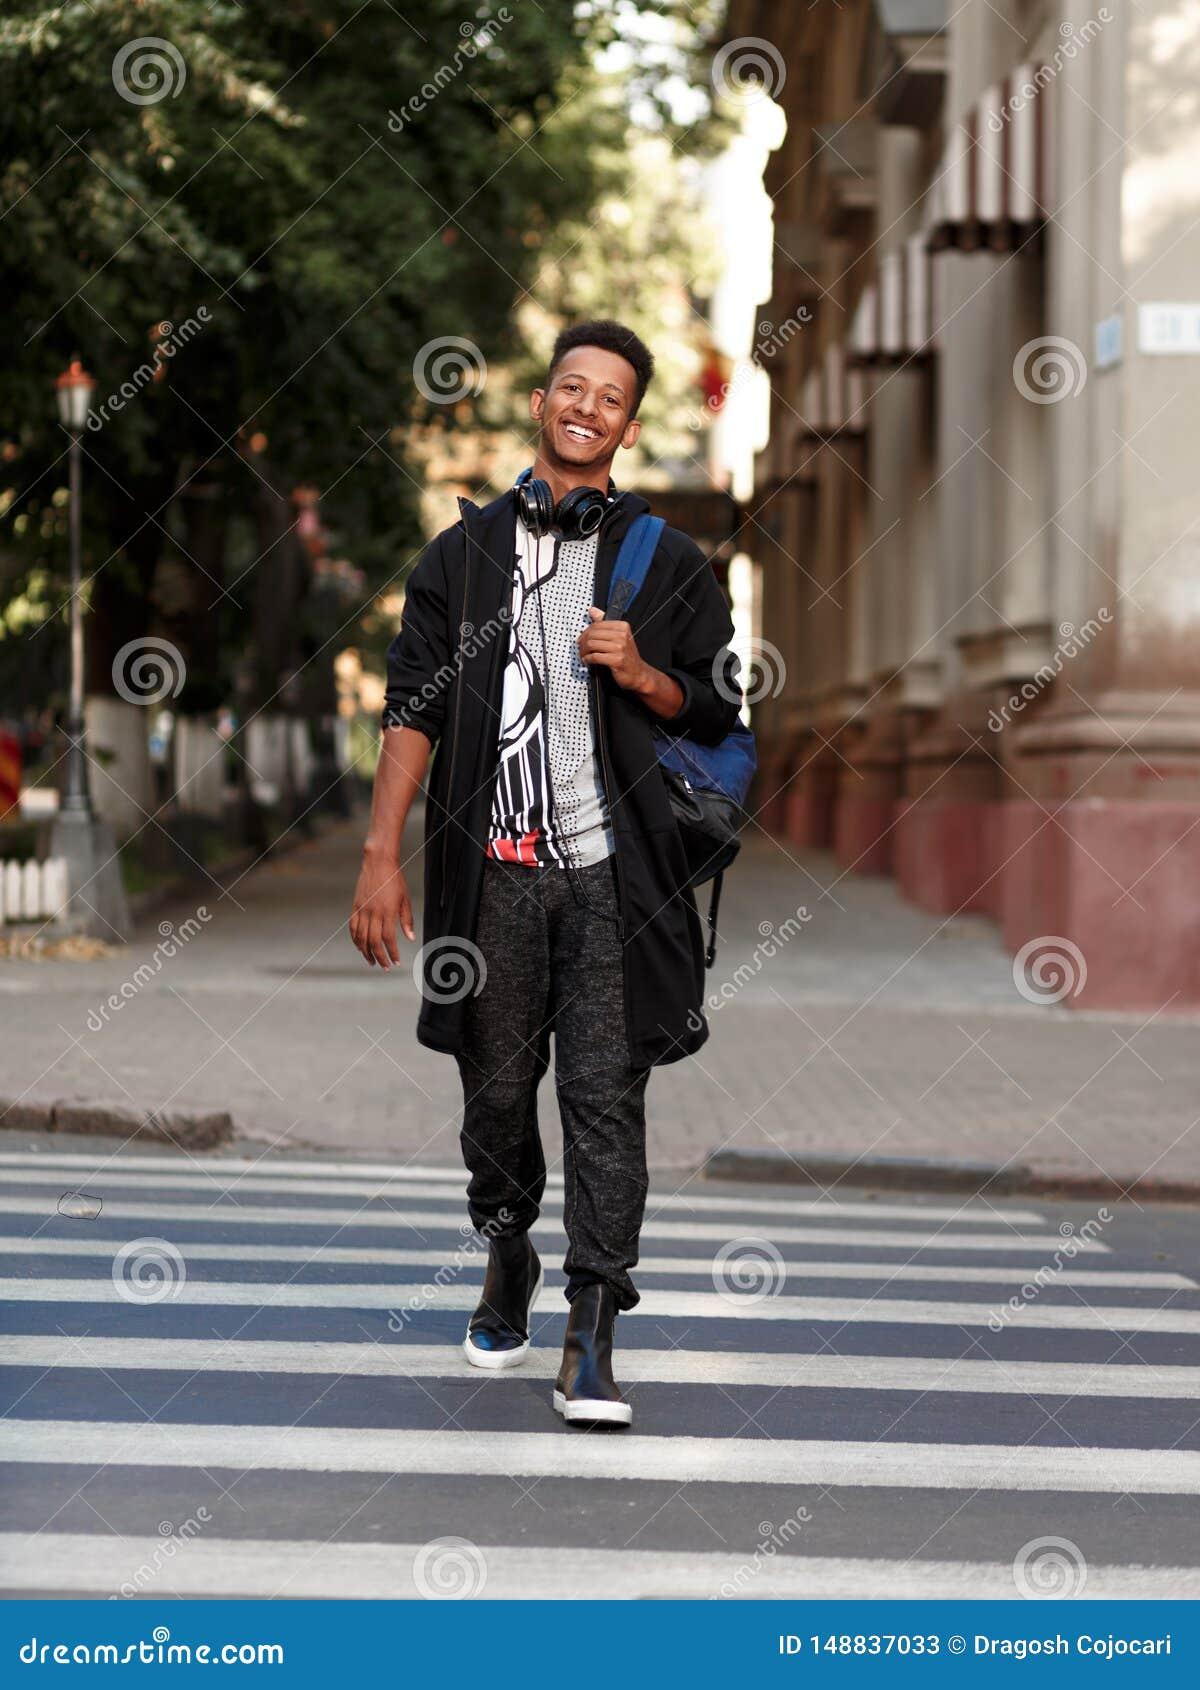 Χαμογελώντας σπουδαστής στα περιστασιακά ενδύματα που ξυπνούν έξω στη διάβαση πεζών, που εξετάζει τη κάμερα, που απομονώνεται σε